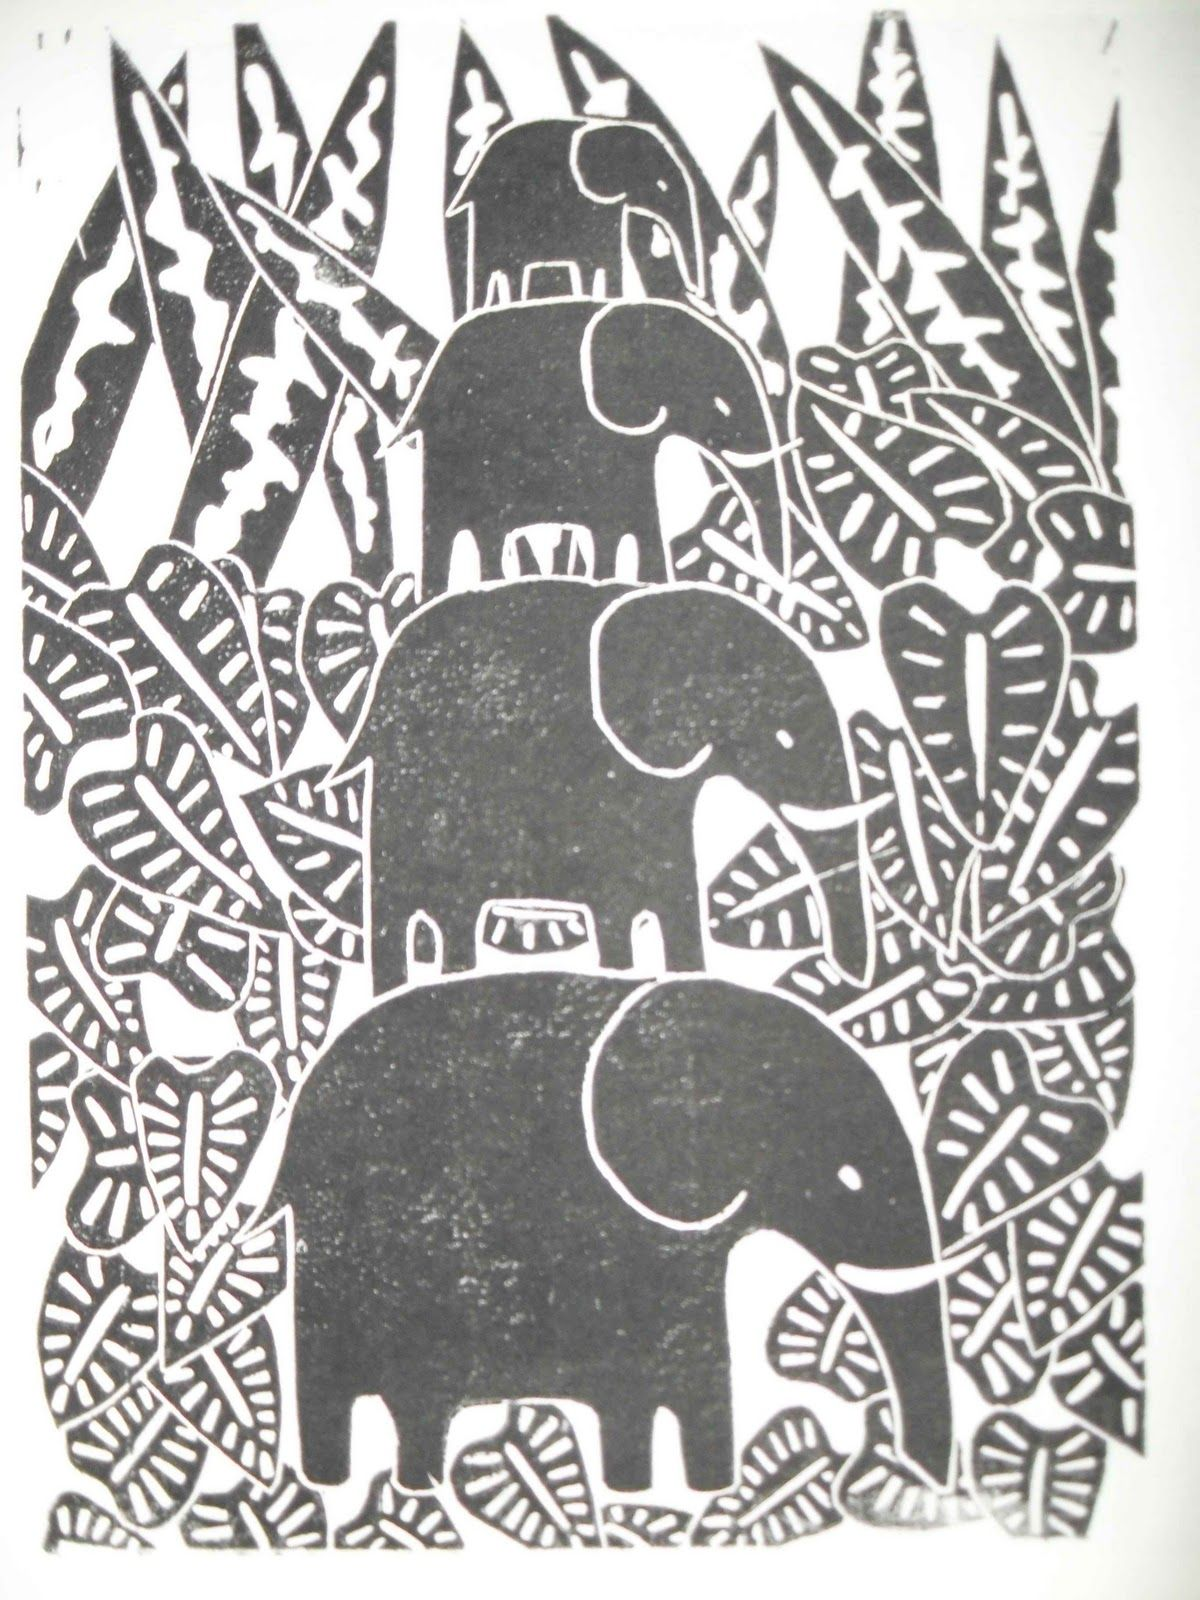 314c05e78137 Elephants!